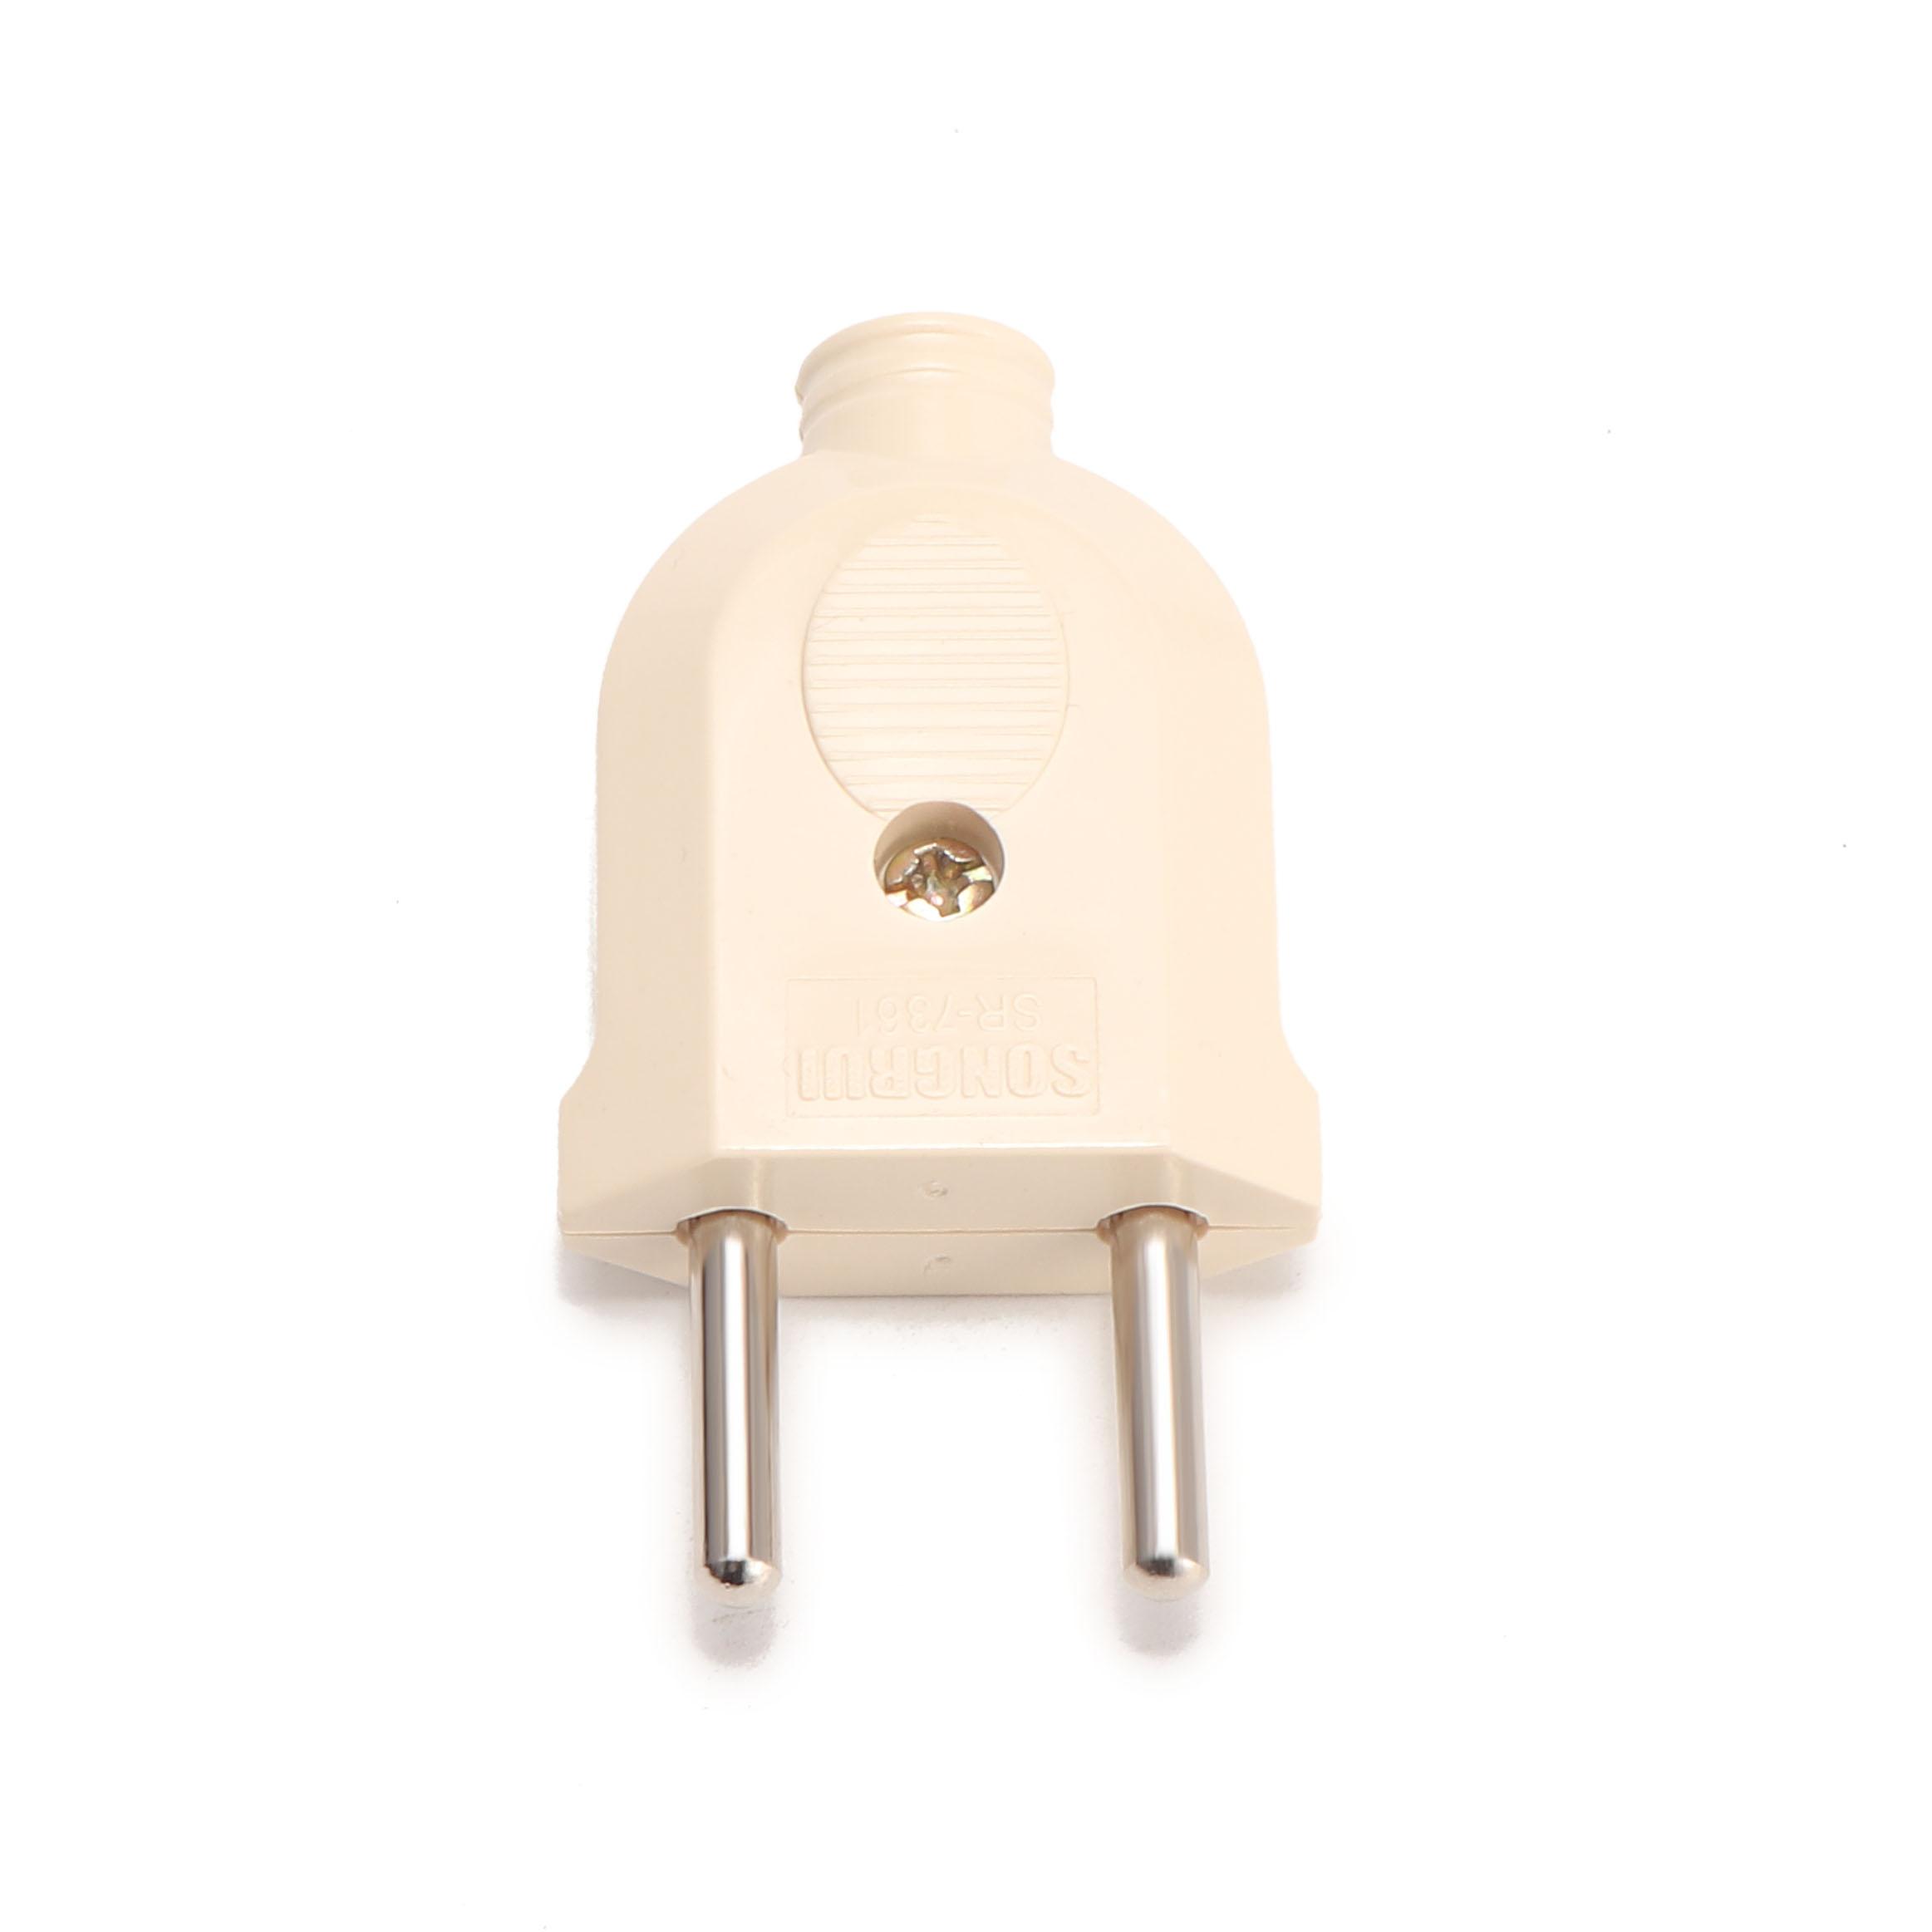 Loskii HA-17 EU Wire Plug Residential Round Pins Plug 10-Amp 250-Volt Two Pins Plug for DIY